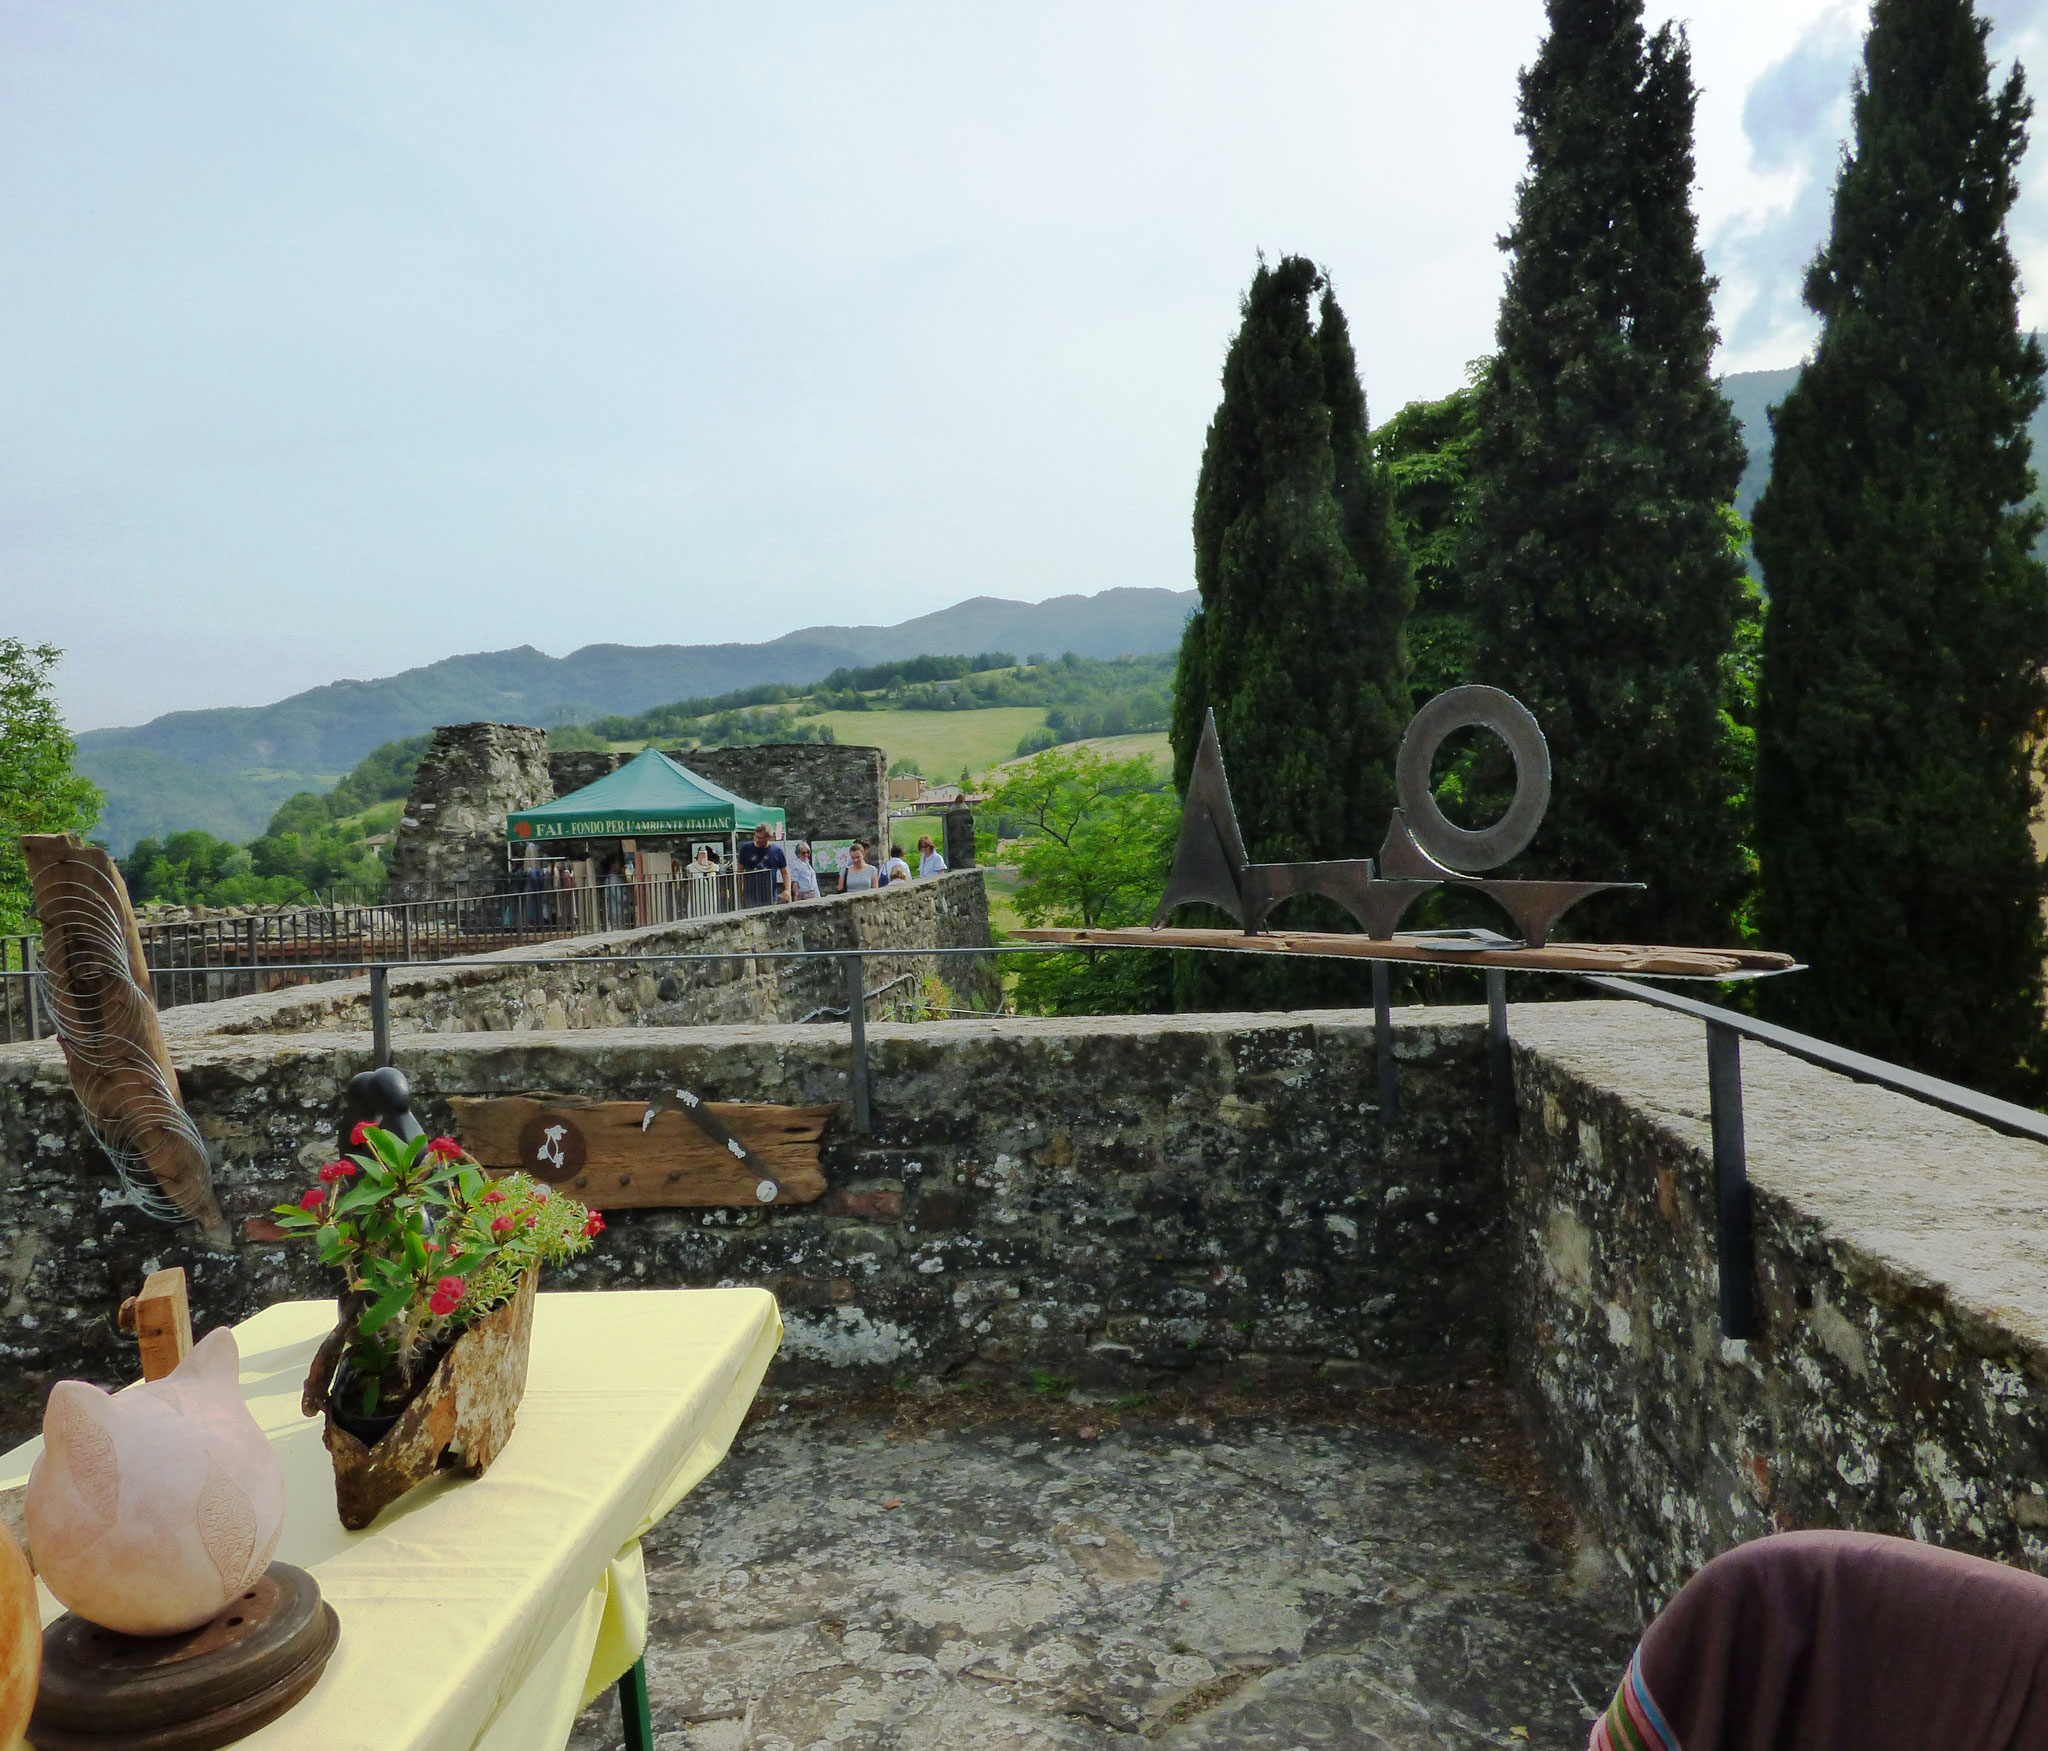 Anna Bianchi & Raffaella Londei - Artre : Bobbio - Il Castello in Fiore II ed. 28 -29 maggio 2016